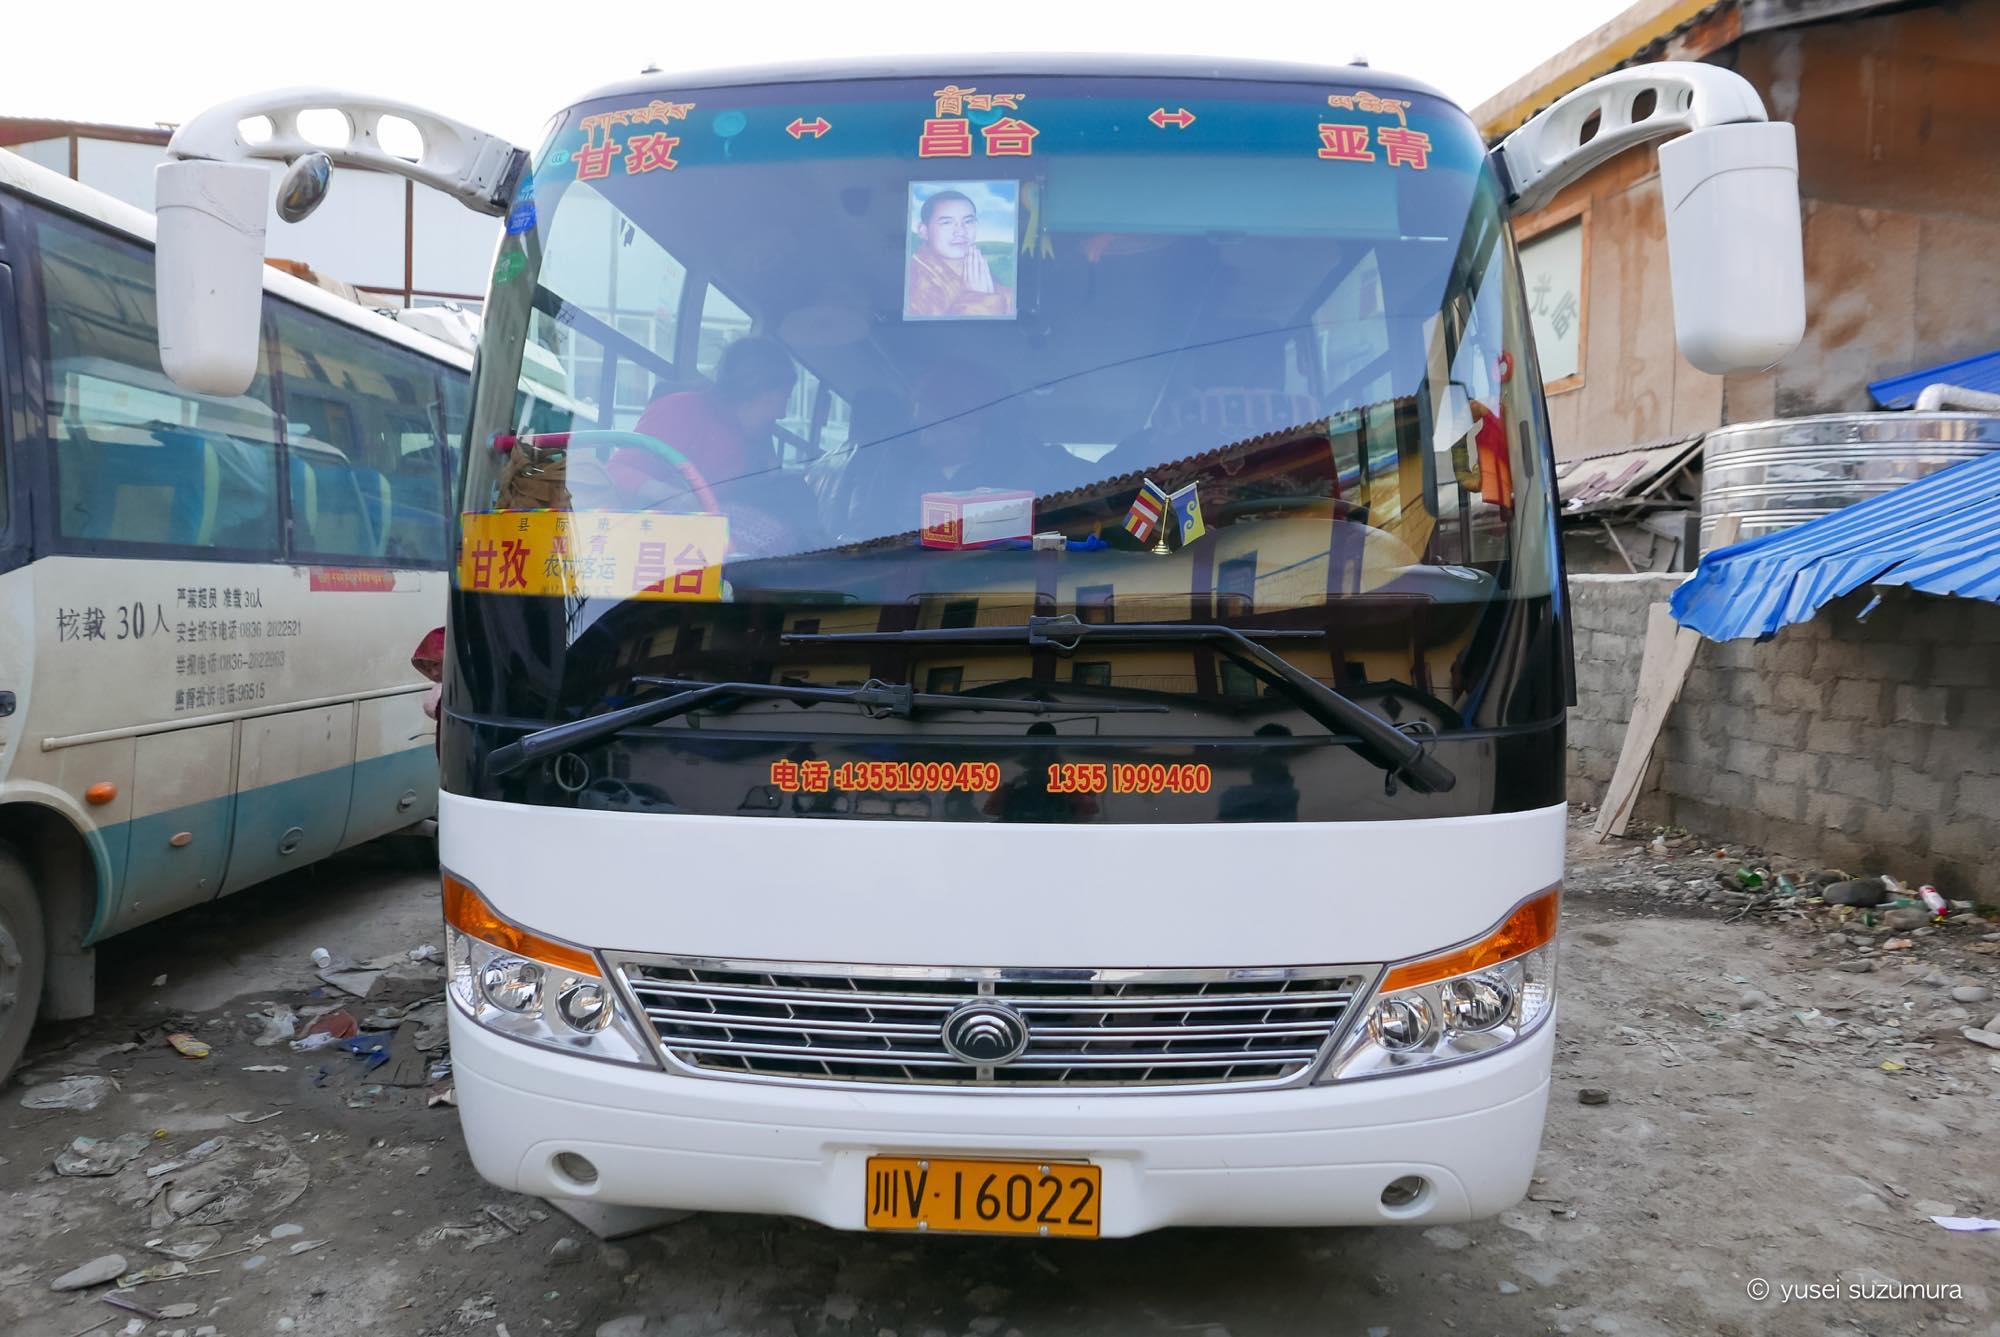 カンゼ アチェンガルゴンパ行きのバス